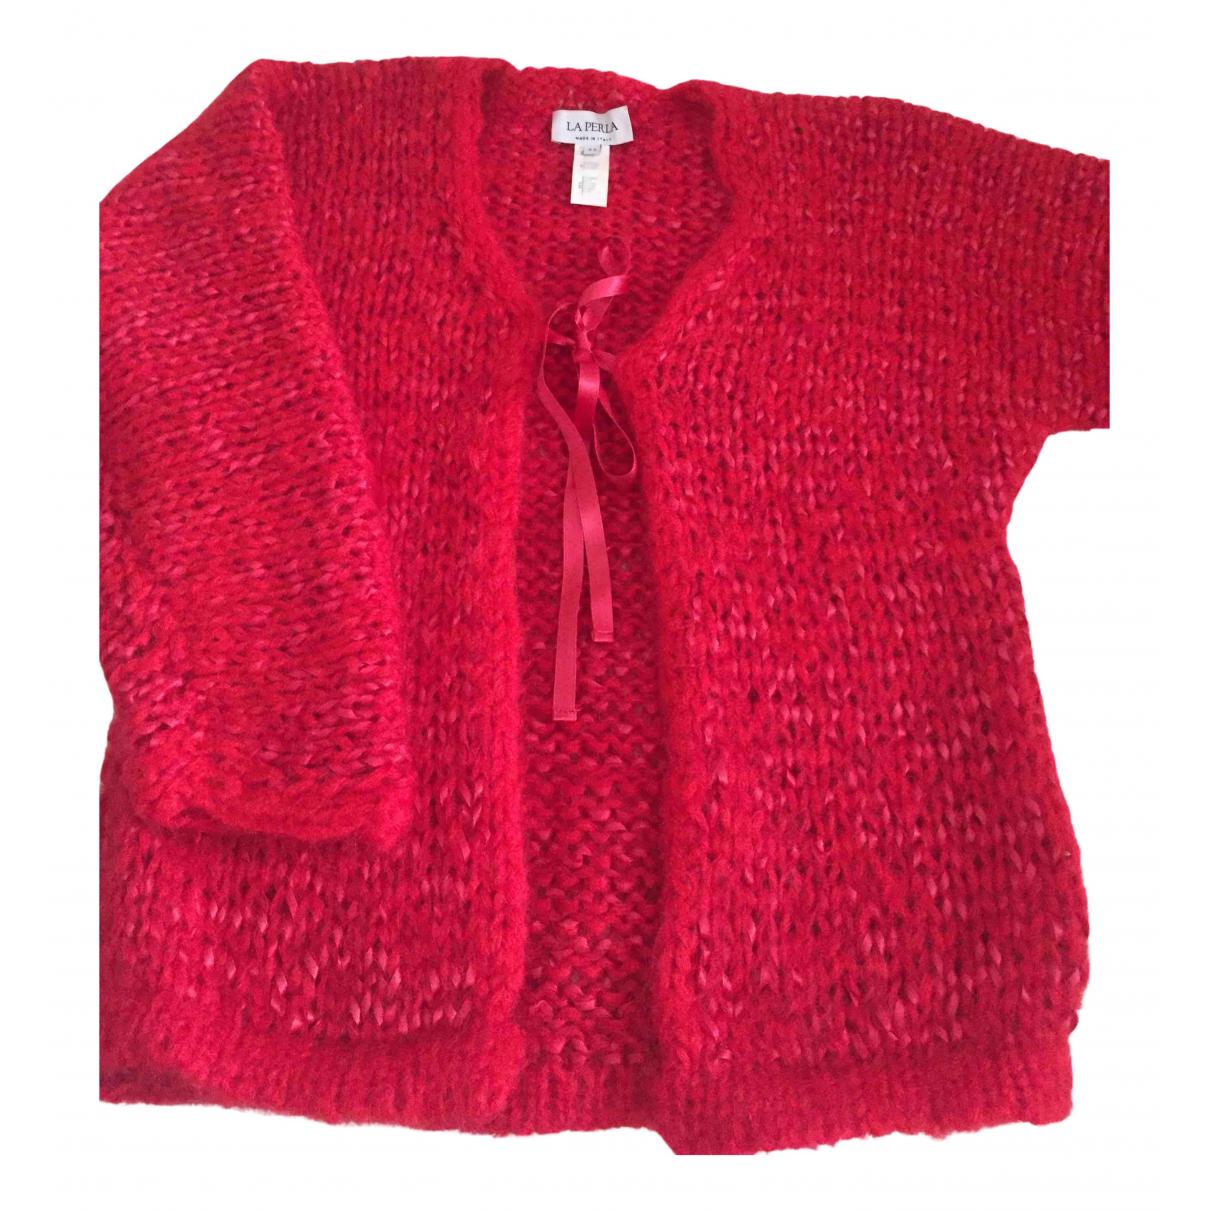 La Perla \N Red Wool Knitwear for Women 44 IT